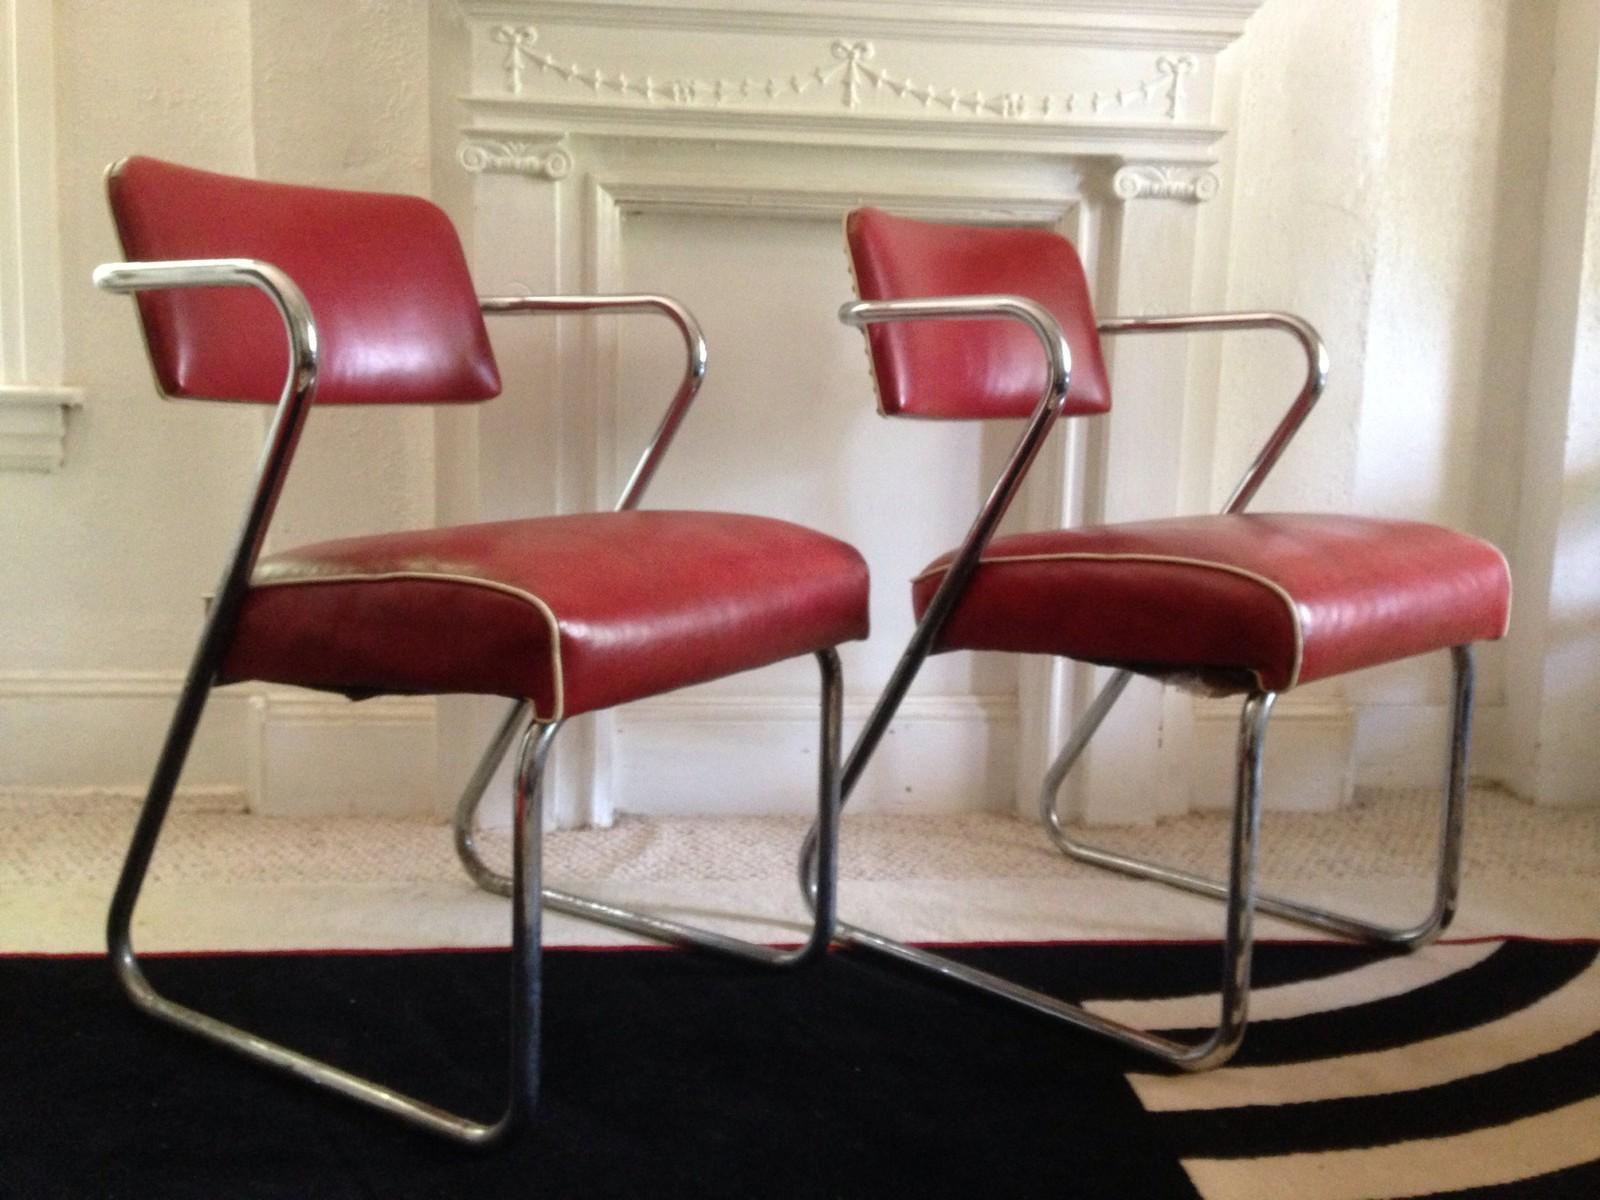 Vintage Art Deco Vinyl u0026 Chrome Chairs & Butcher Shop Rehab: Vintage Art Deco Vinyl u0026 Chrome Chairs